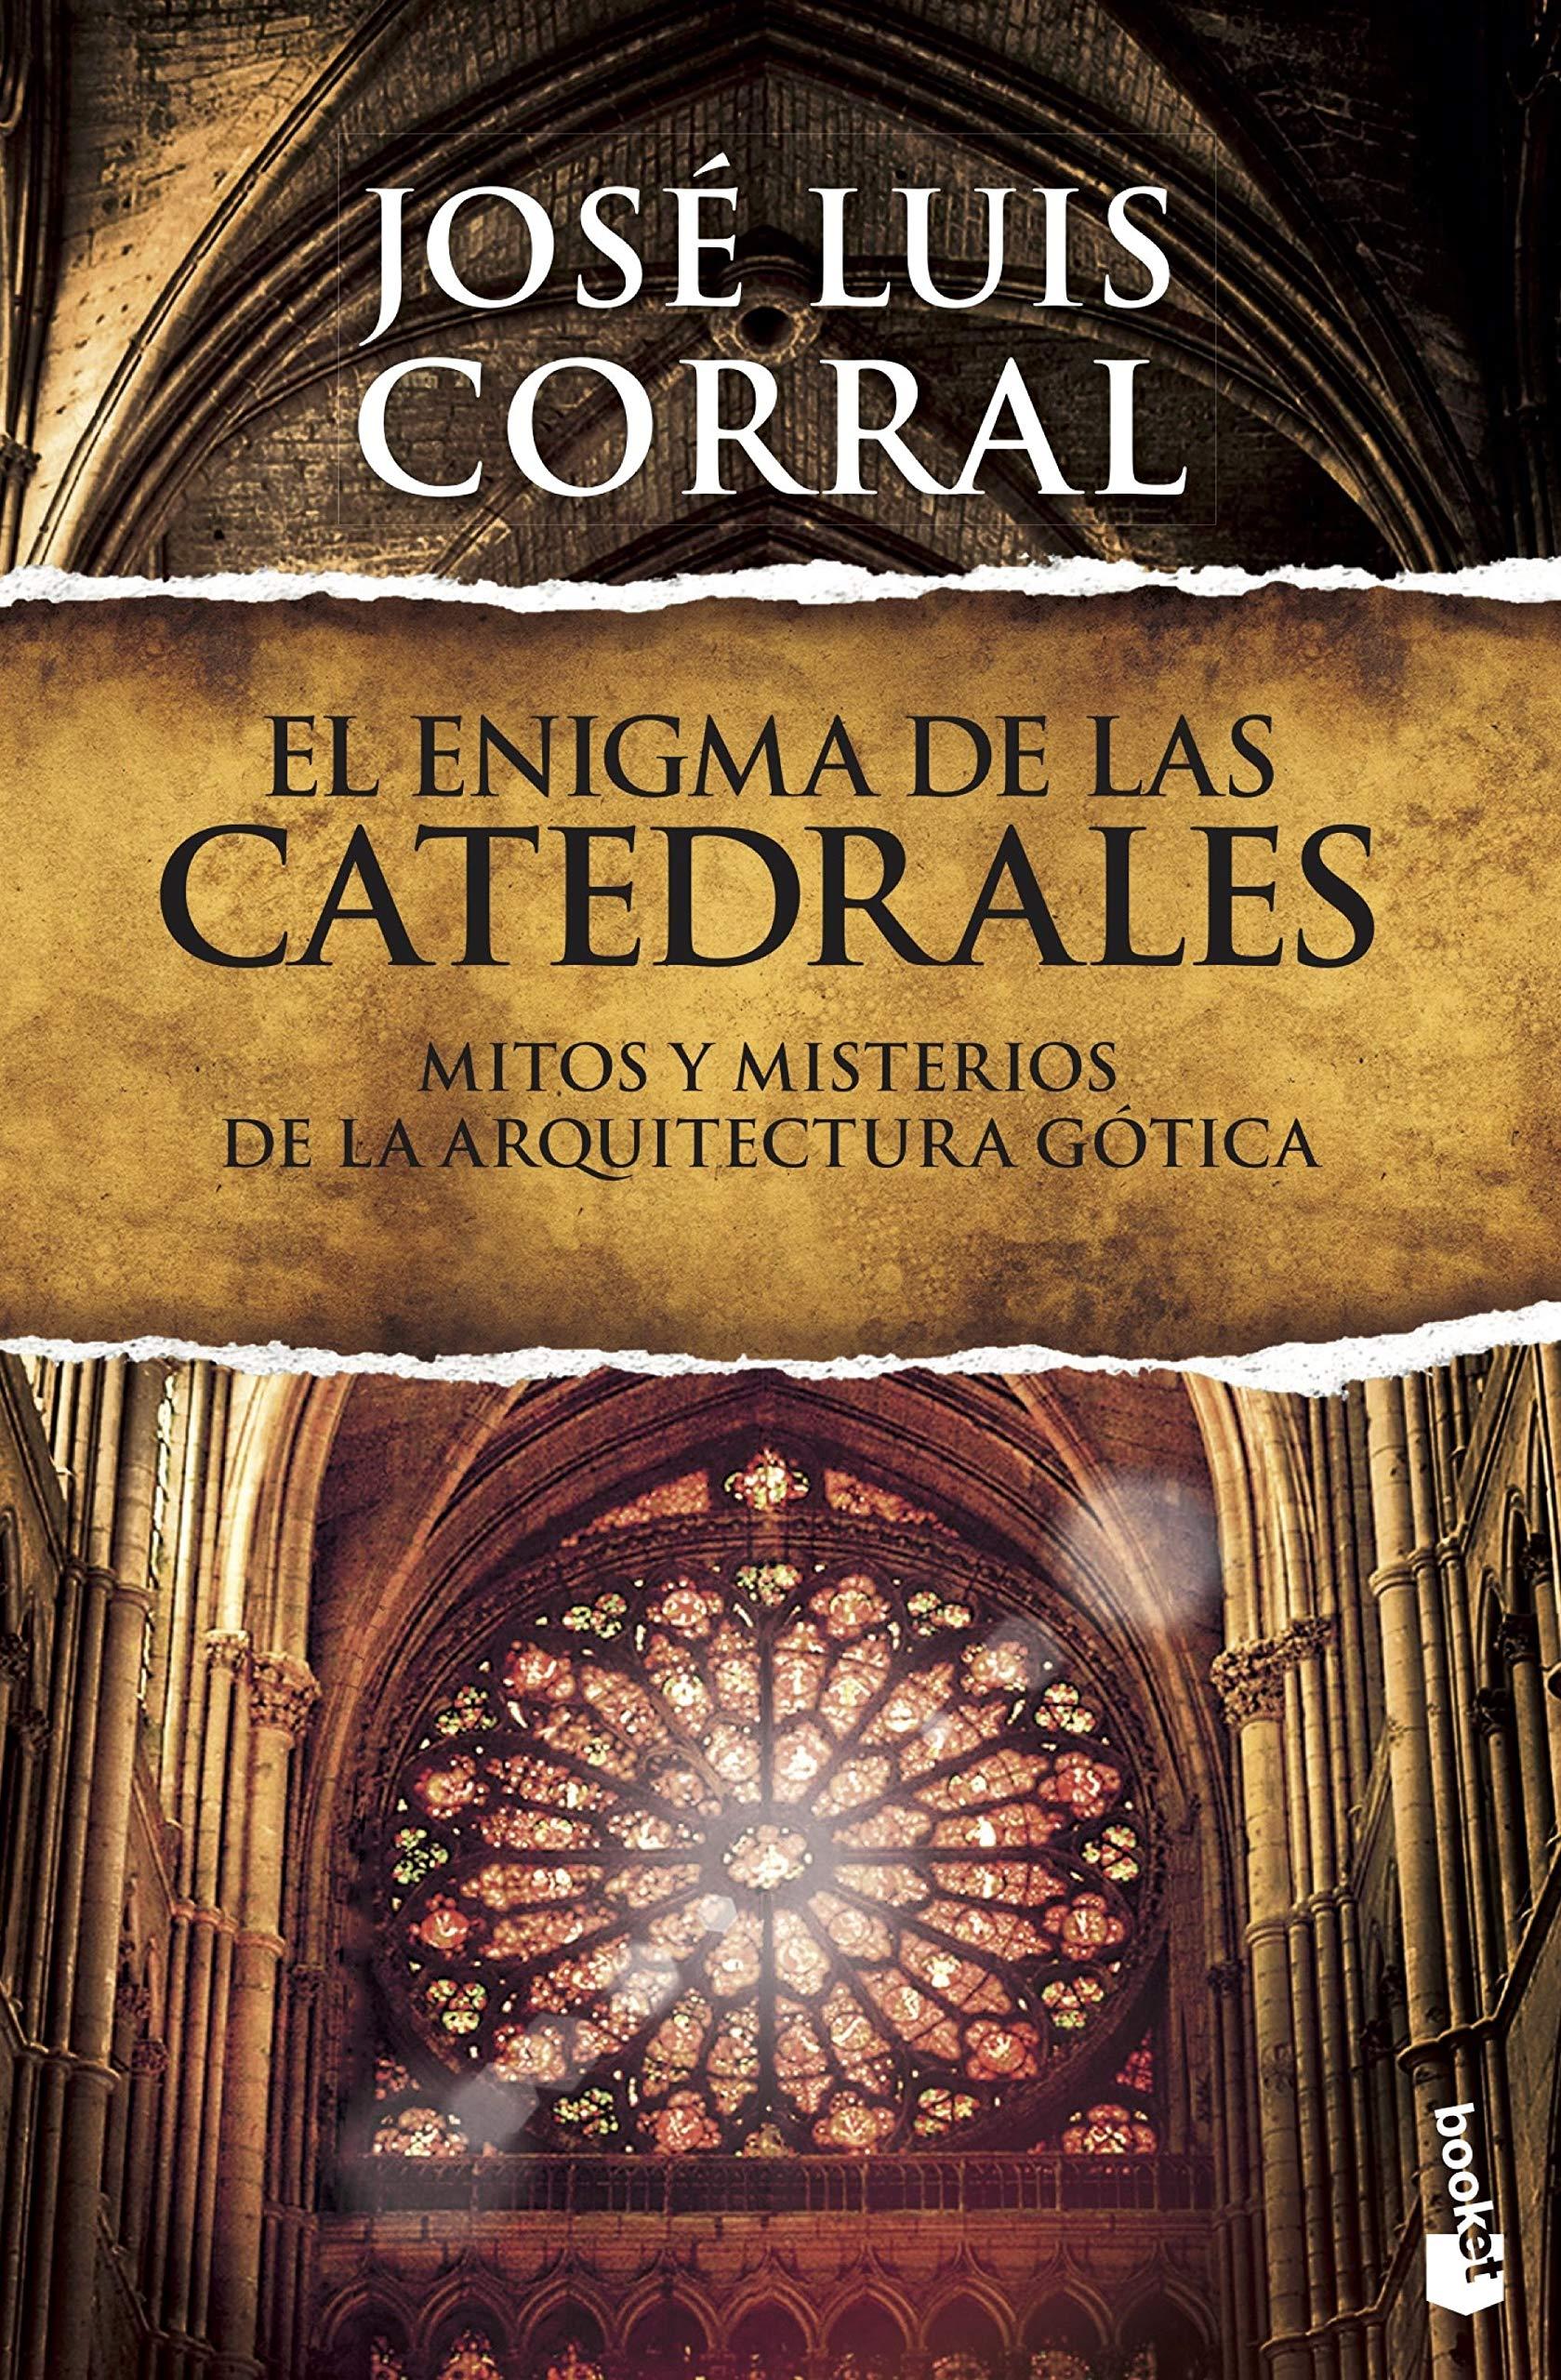 El enigma de las catedrales: Mitos y misterios de la arquitectura gótica: 1 Divulgación: Amazon.es: Corral, José Luis: Libros